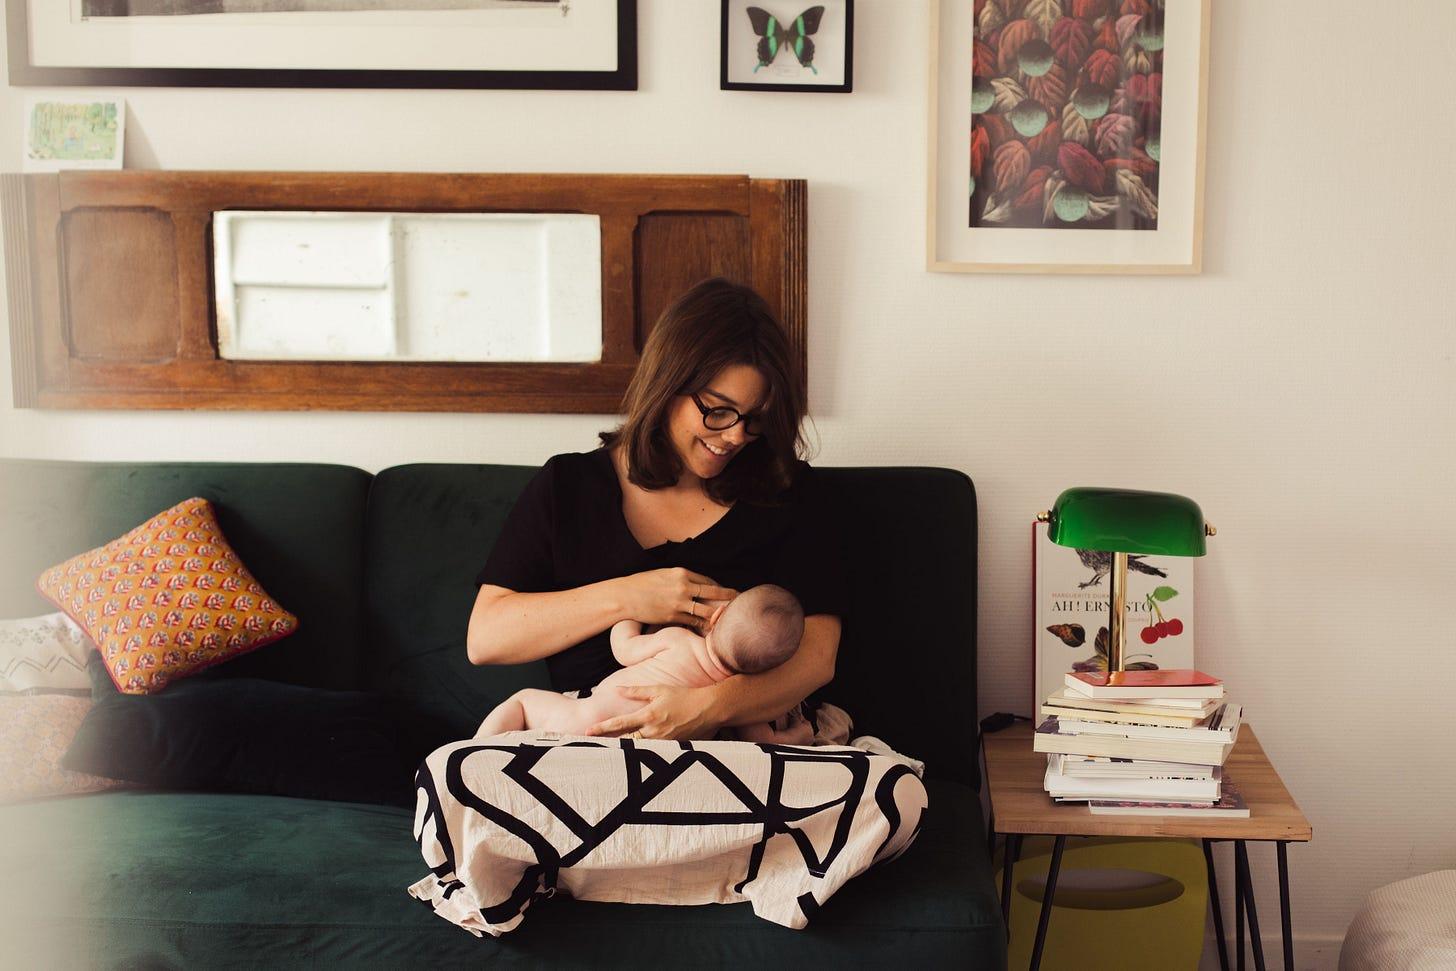 Une femme assise sur un canapé allaite un nourrisson. Elle le regarde en souriant.